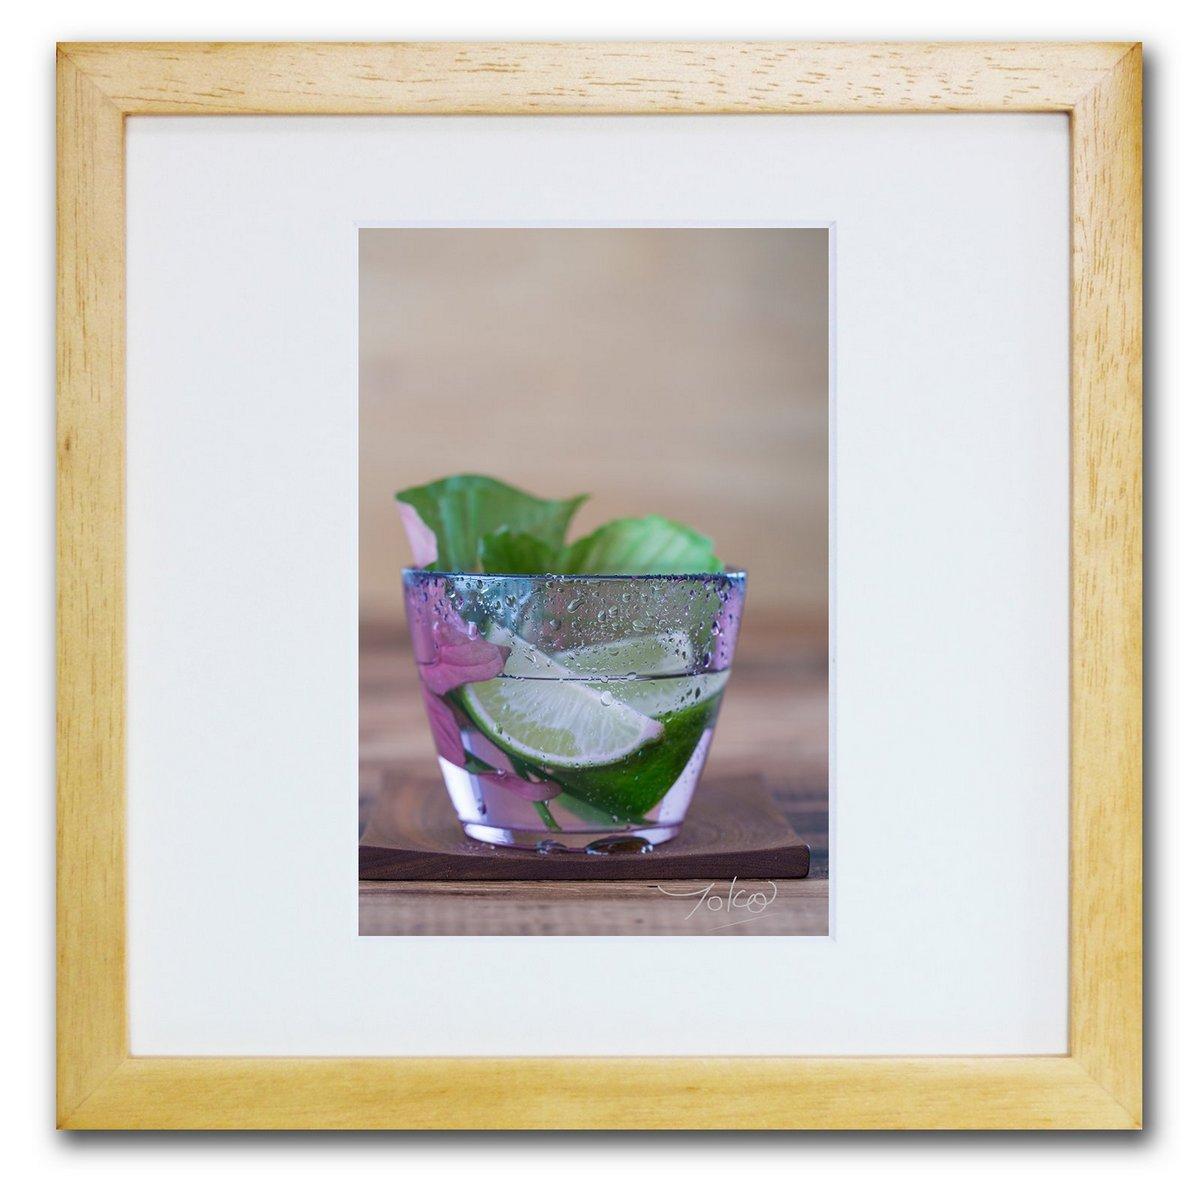 《ジクレー版画》Lime and Green_S(ライム&グリーン_S)〔竹内陽子〕/リビングを華やかに彩るインテリア。絵画のようなフラワーフォト